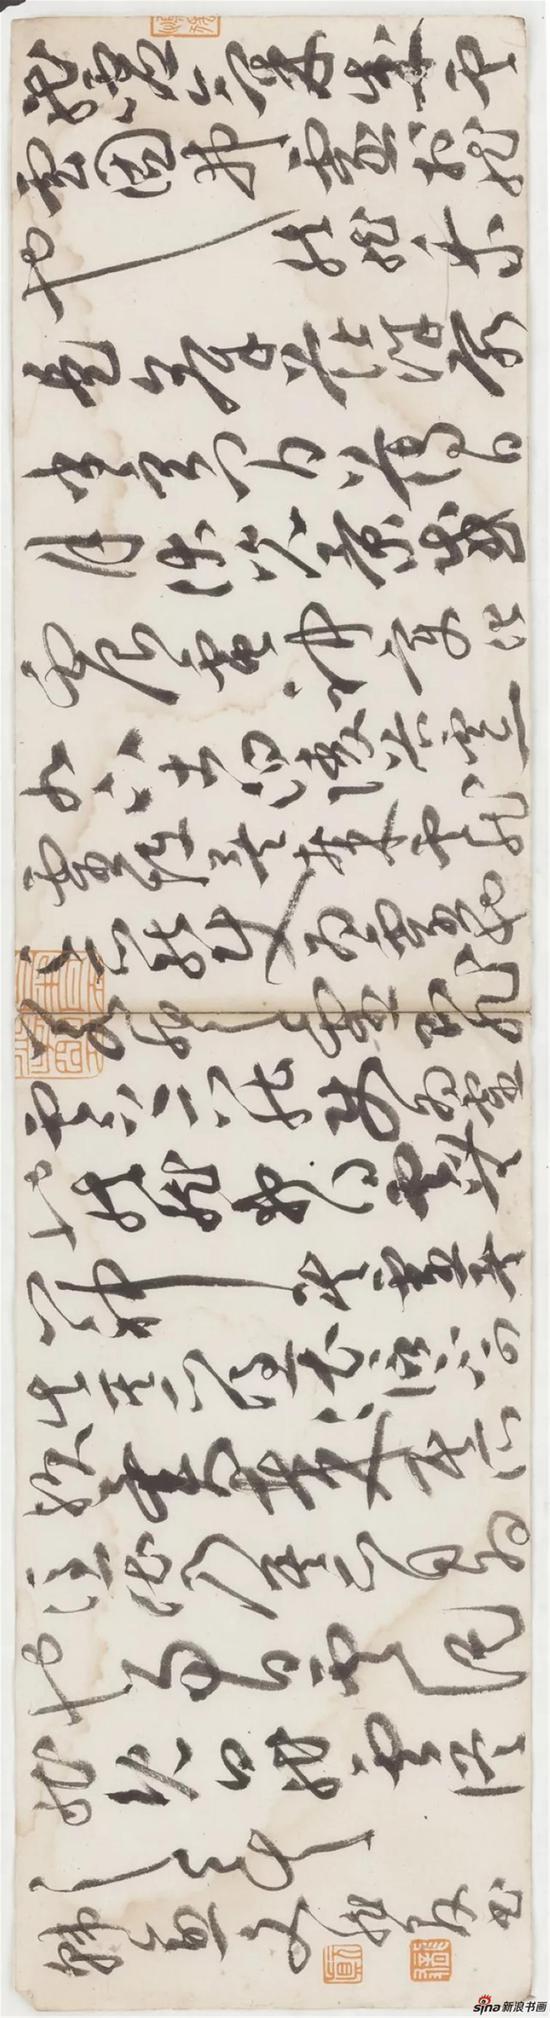 《韩愈杂说一篇》,草书,纸本,47×12cm,2018年